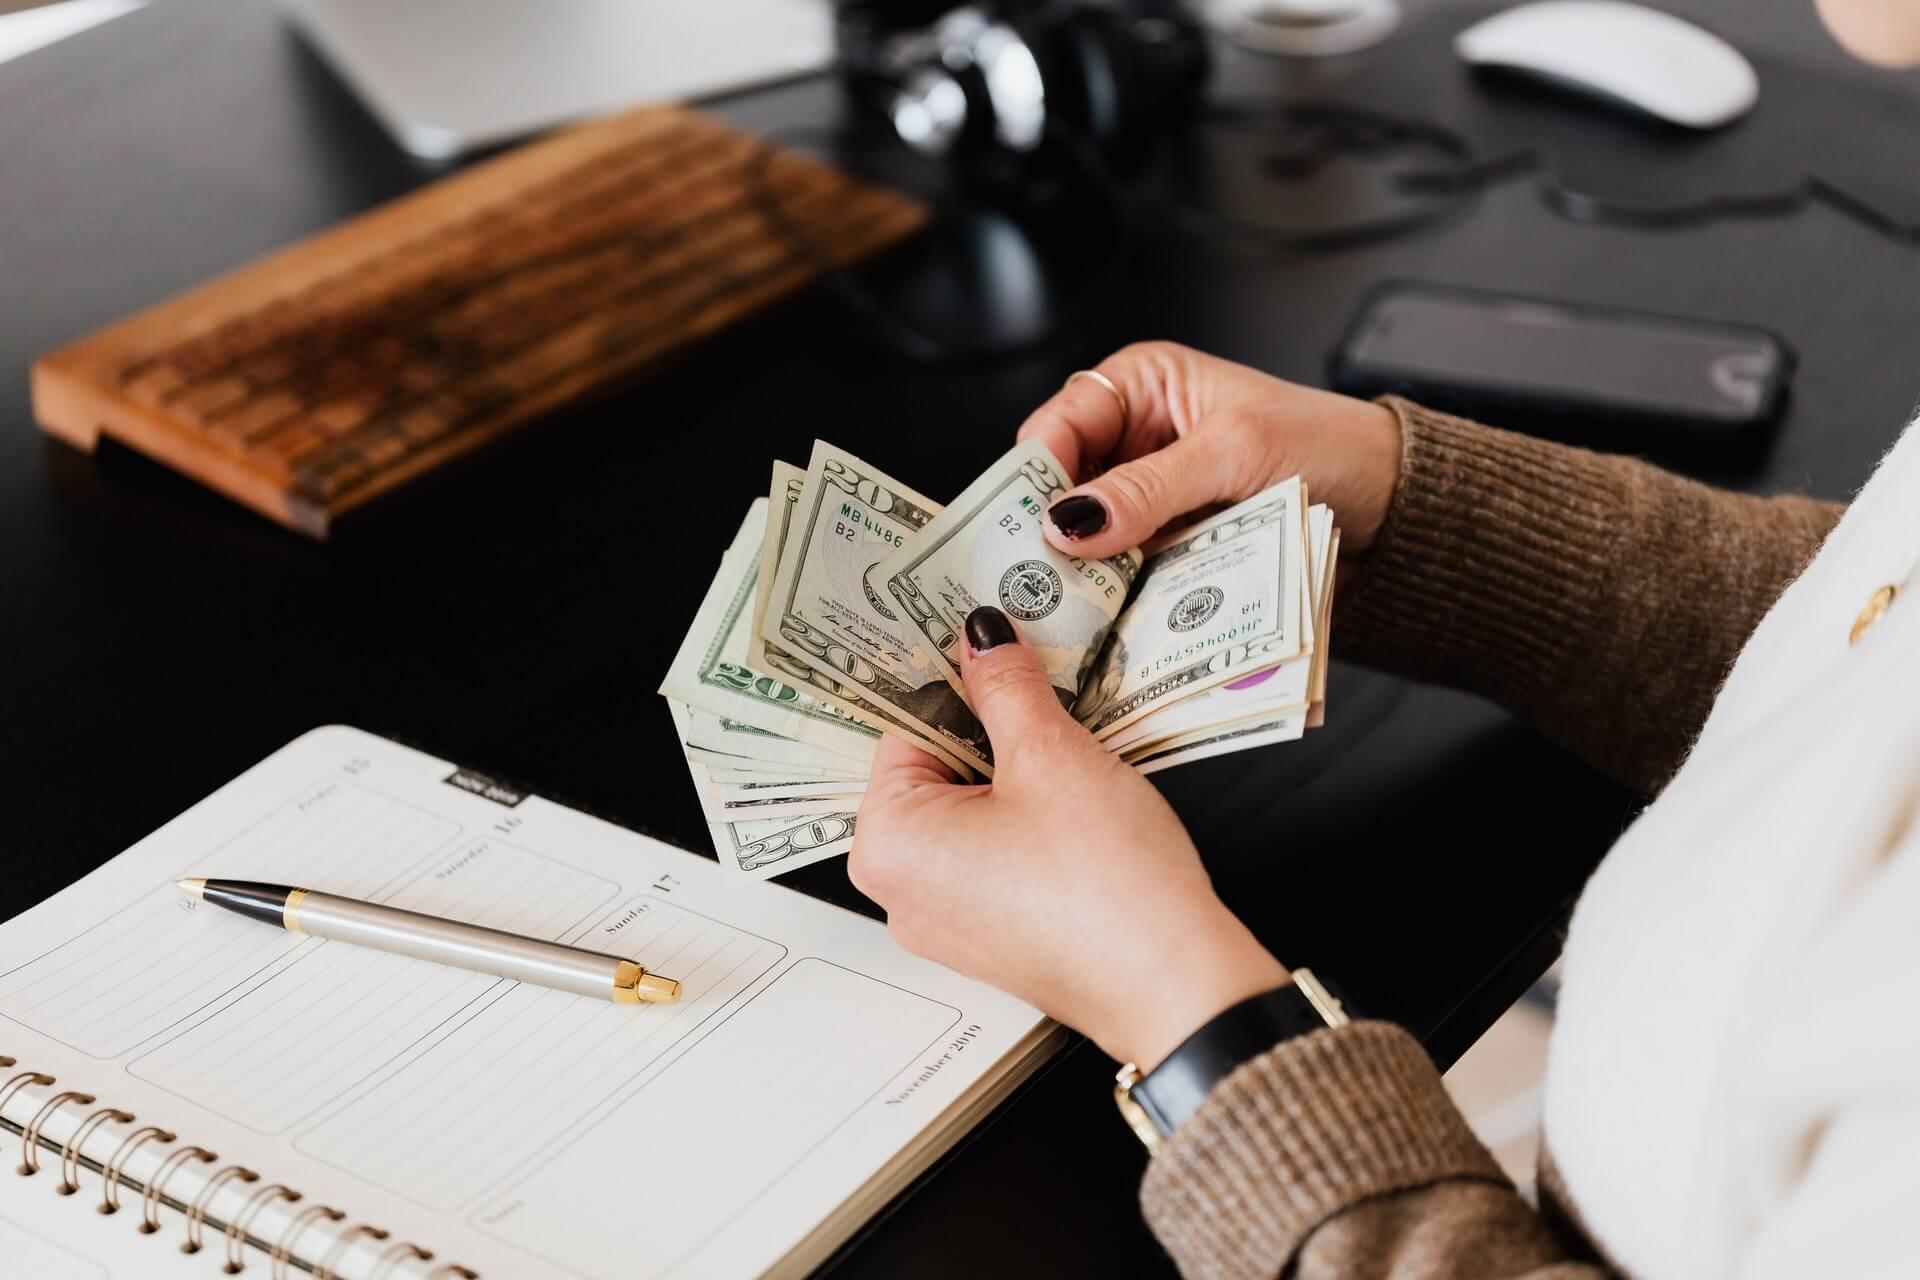 Mit einer integrierten Absatzfinanzierung gewinnen Mittelständler neue Kunden